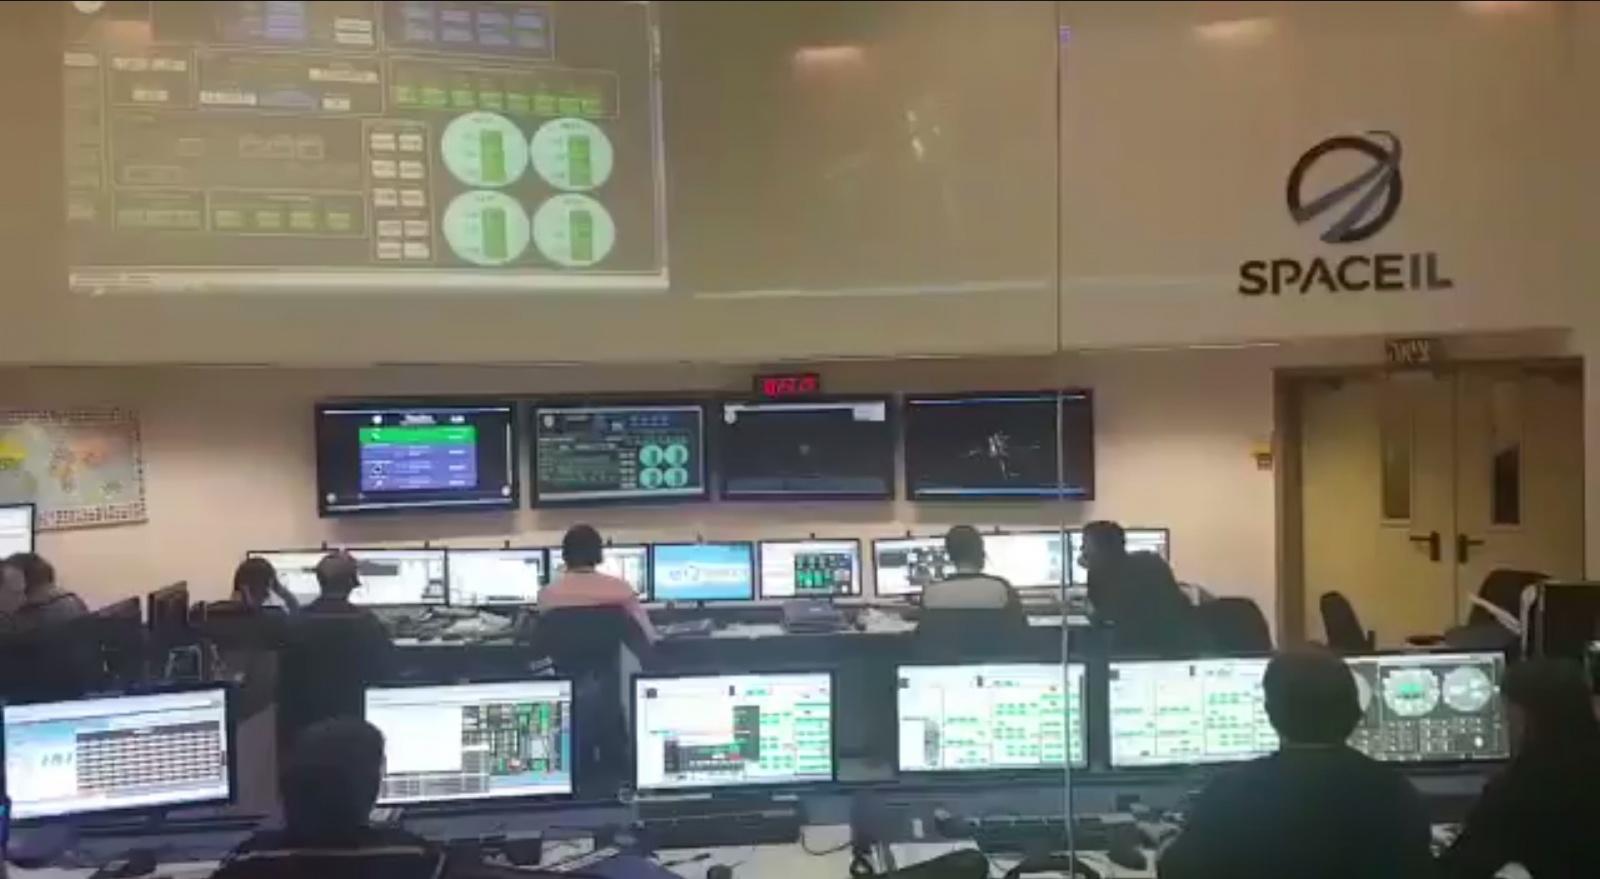 Лунная миссия «Берешит» – инженеры в ЦУП SpaceIL и Israel Aerospace Industries (IAI) решили возникшие проблемы - 9